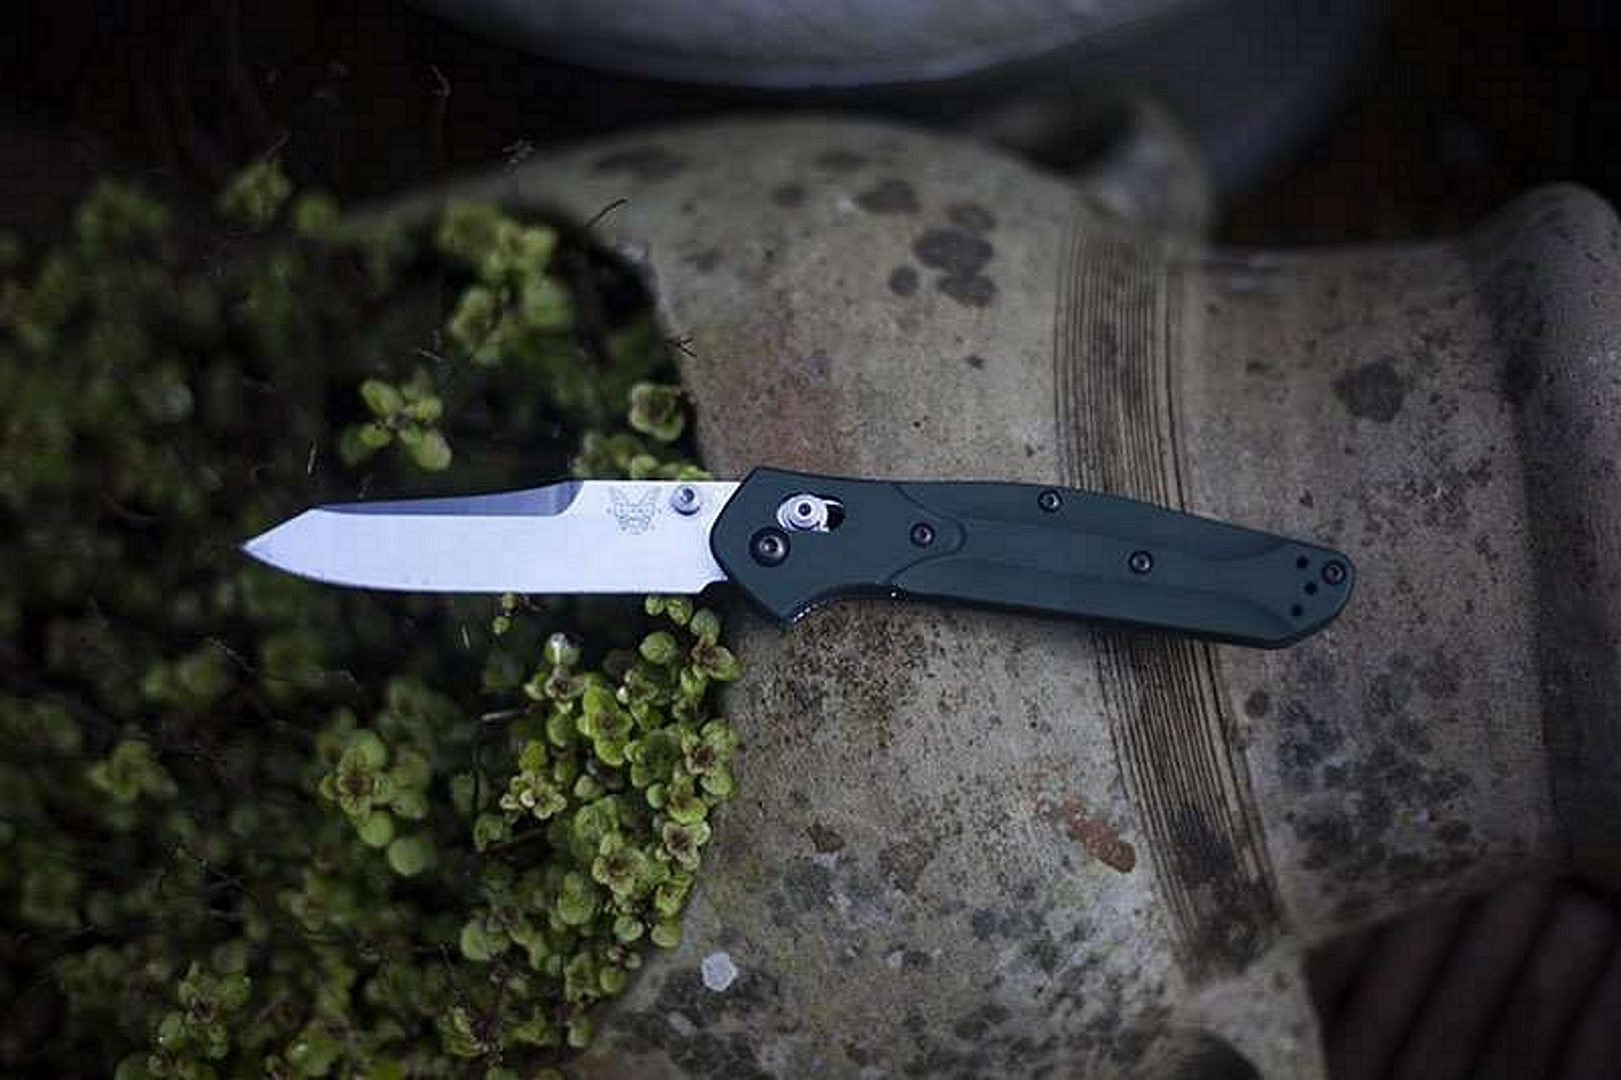 Benchmade 940 EDC Folding EDC Knife